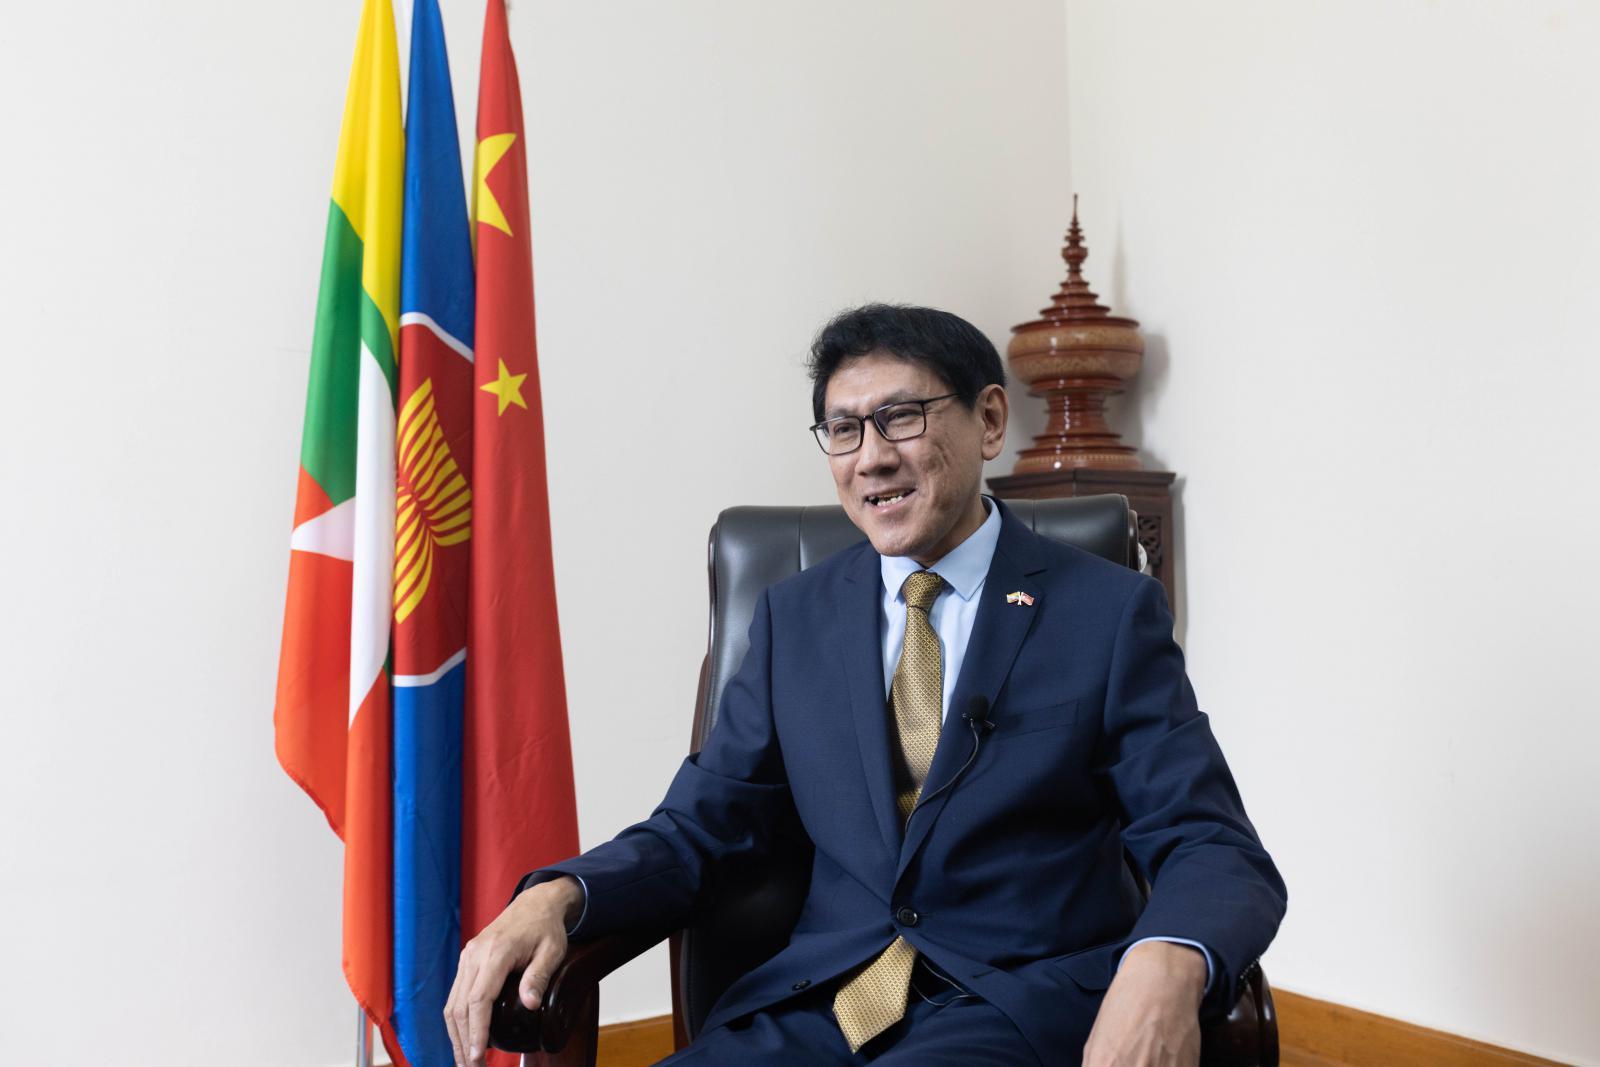 缅甸联邦共和国驻华大使苗丹佩(摄影 陈宇)